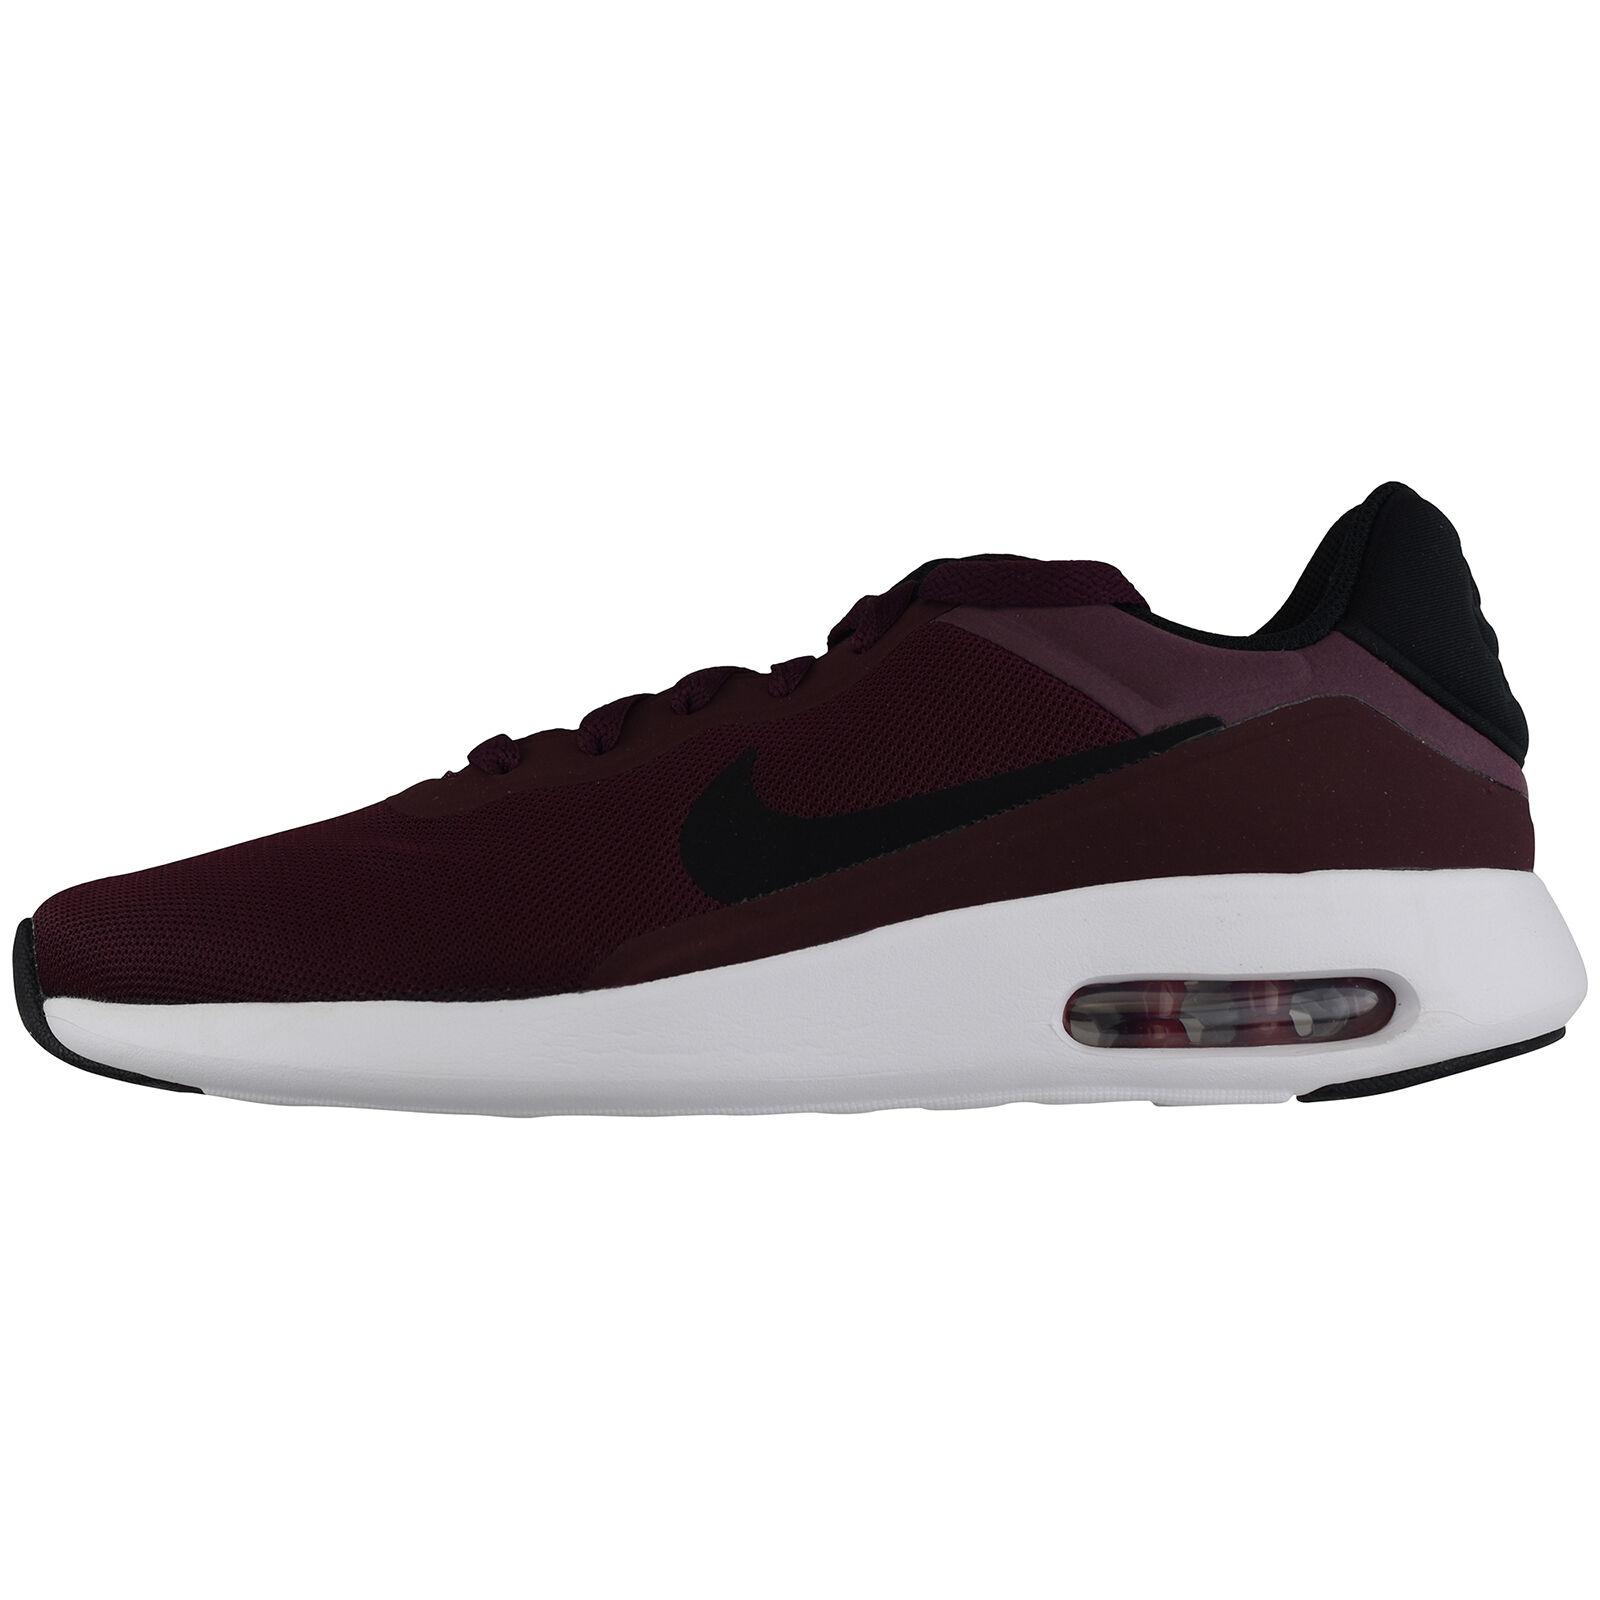 Nike air max moderno stile di vita essenziale 844874 600 scarpe formatori occasionali | Sensazione piacevole  | Uomo/Donna Scarpa